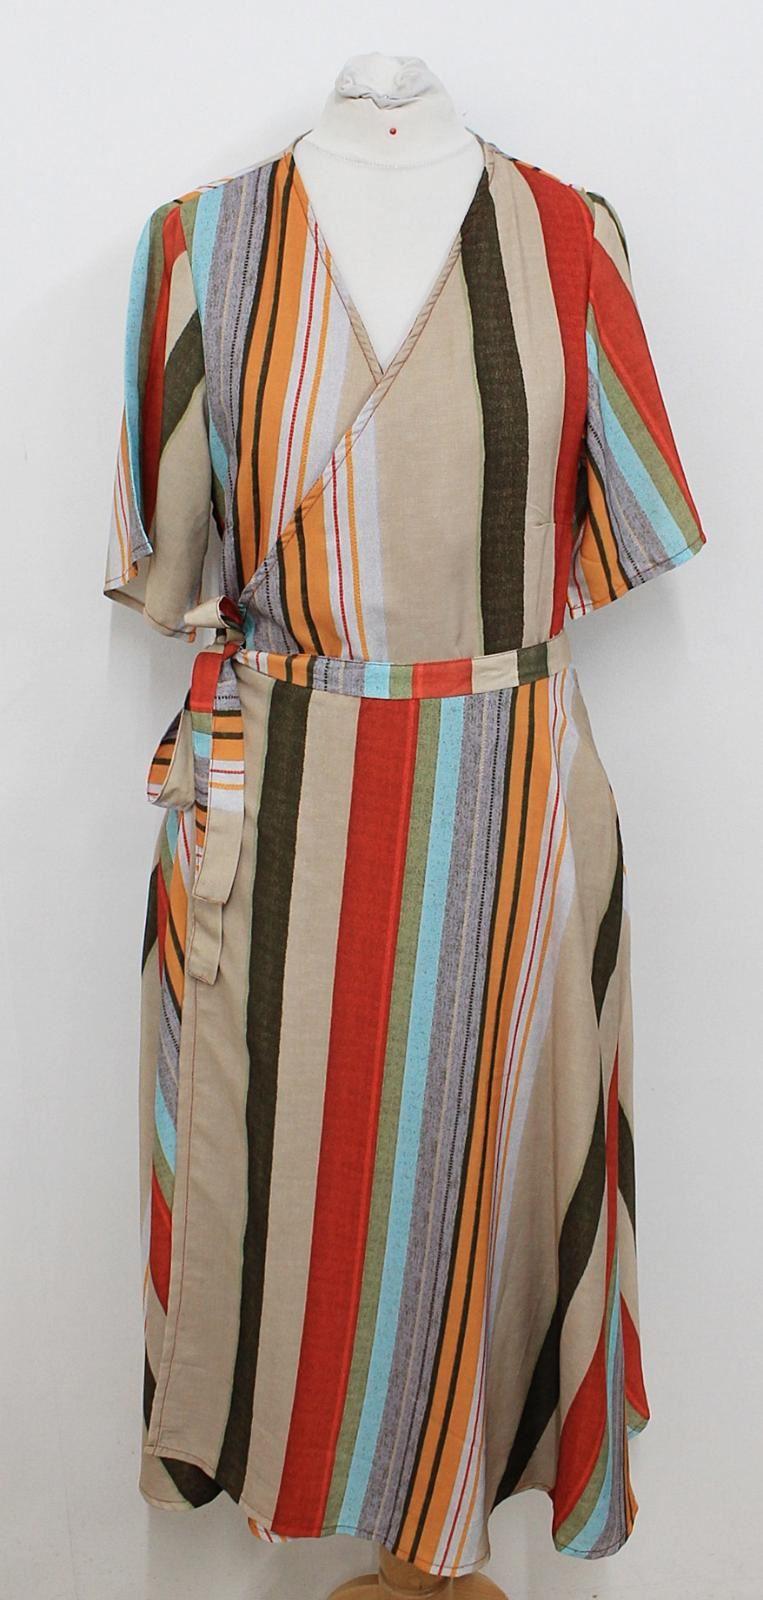 BNWT-ANTHROPOLOGIE-PORRIDGE-Ladies-Multi-coloured-Striped-Wrap-Around-Dress-XS